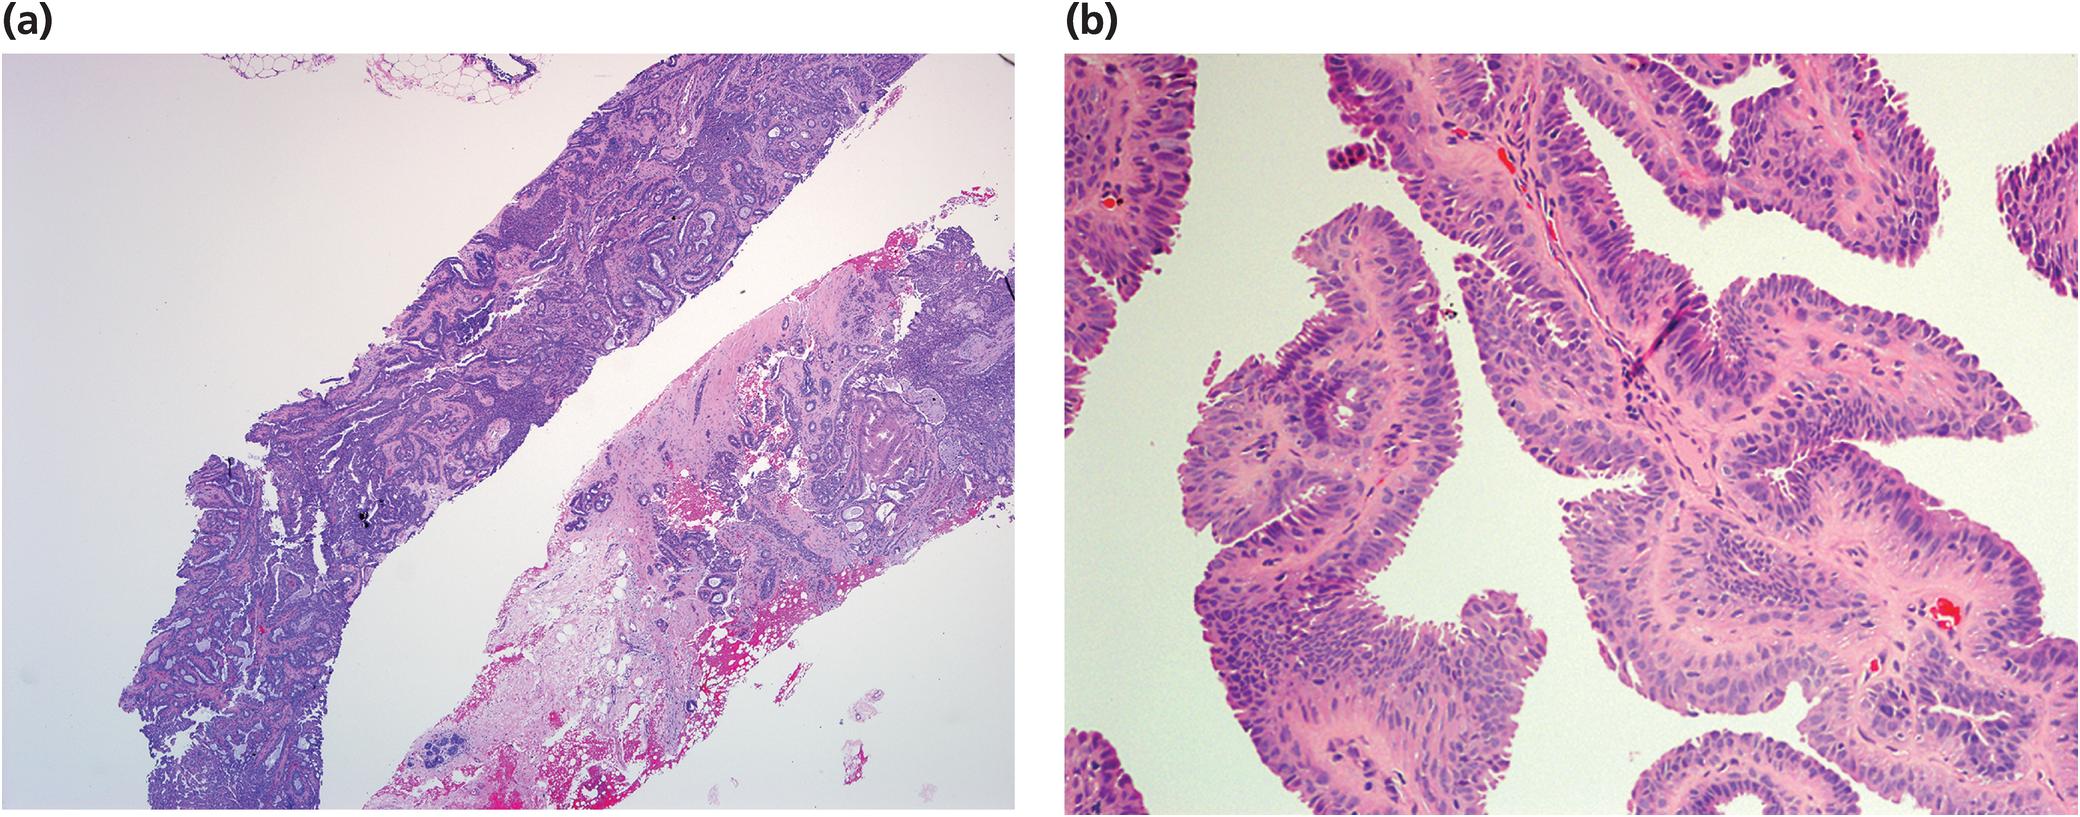 intraductal papilloma core biopsy kako se rijesiti hpv virus kod muskaraca